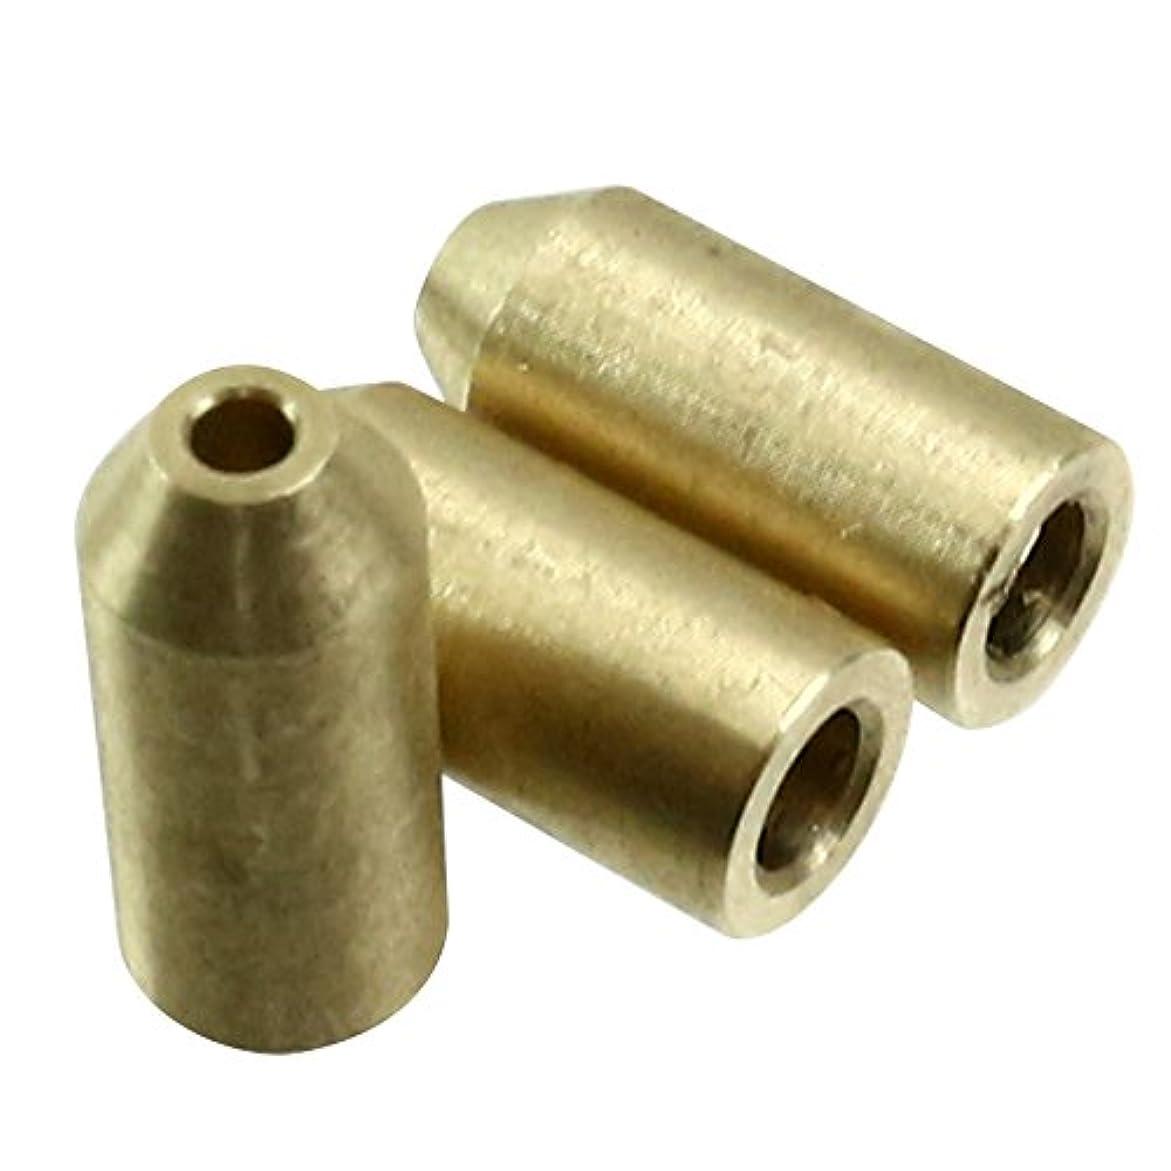 月曜純粋に圧力Rhapsody(ラプソディ) デュポンライター用 変換 アダプター ガス 注入 扱い簡単 ガス代節約